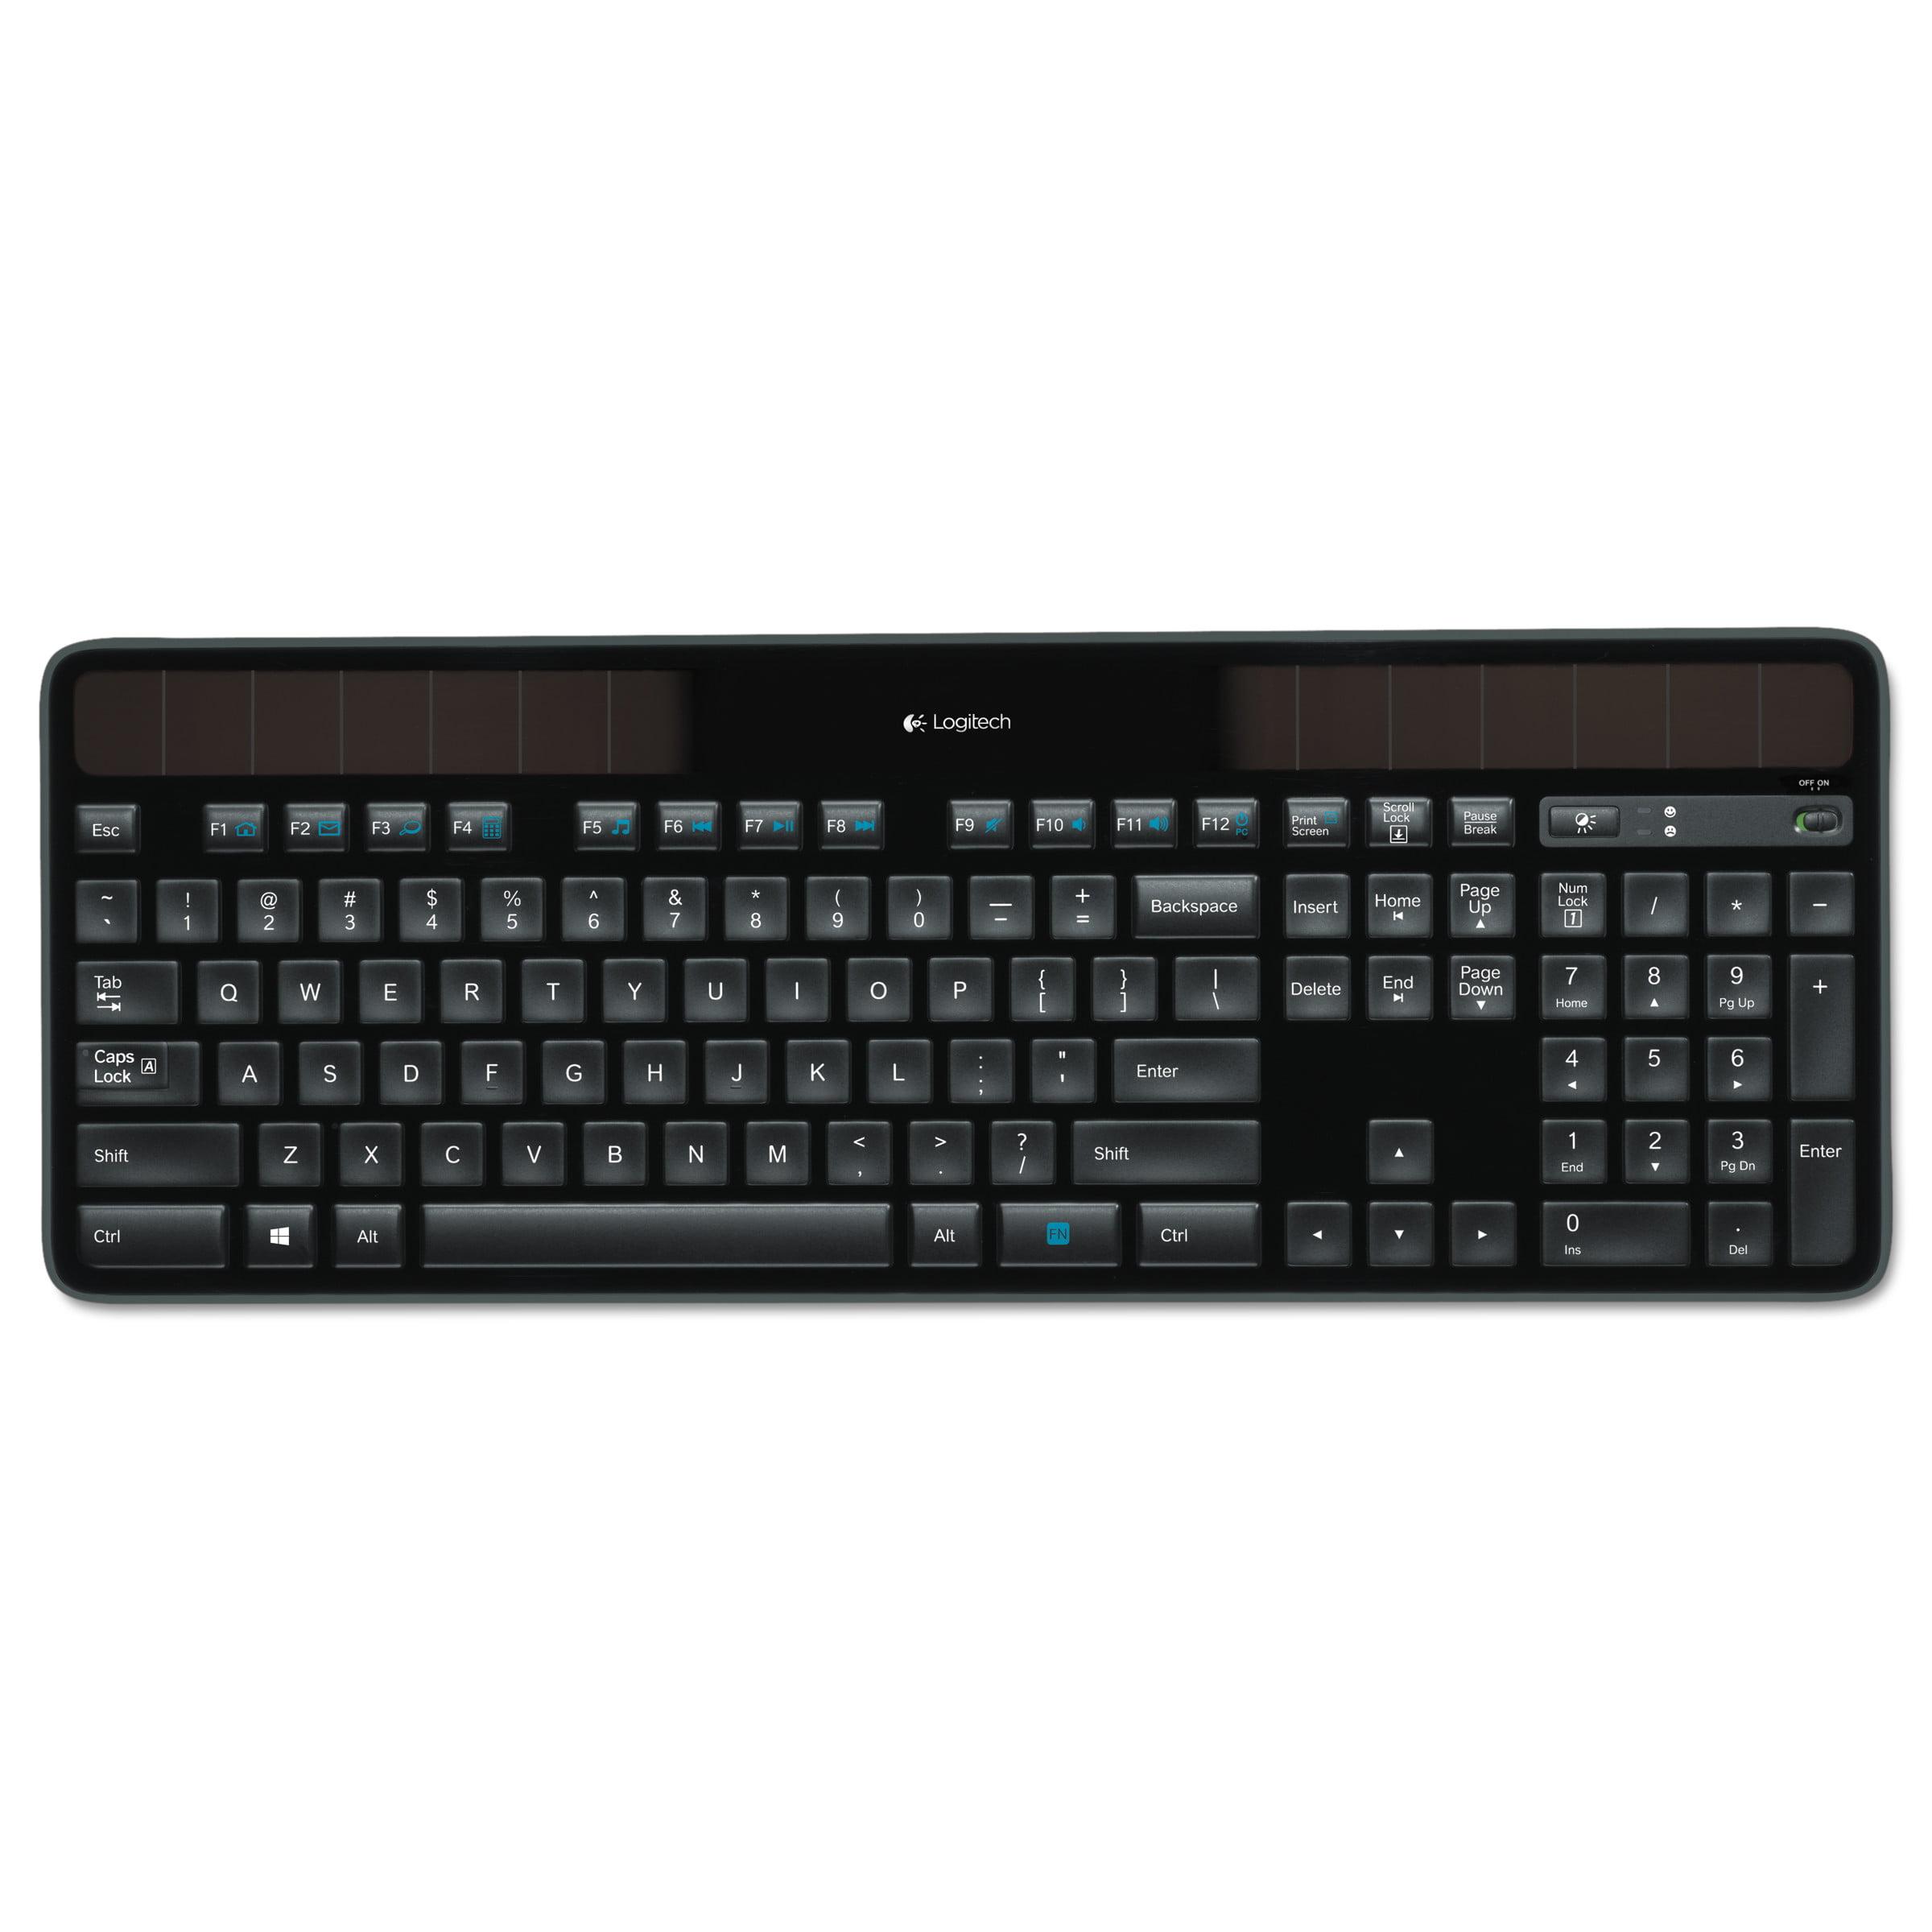 ea5c47e6eb01d Logitech K750 Wireless Solar Keyboard - Walmart.com